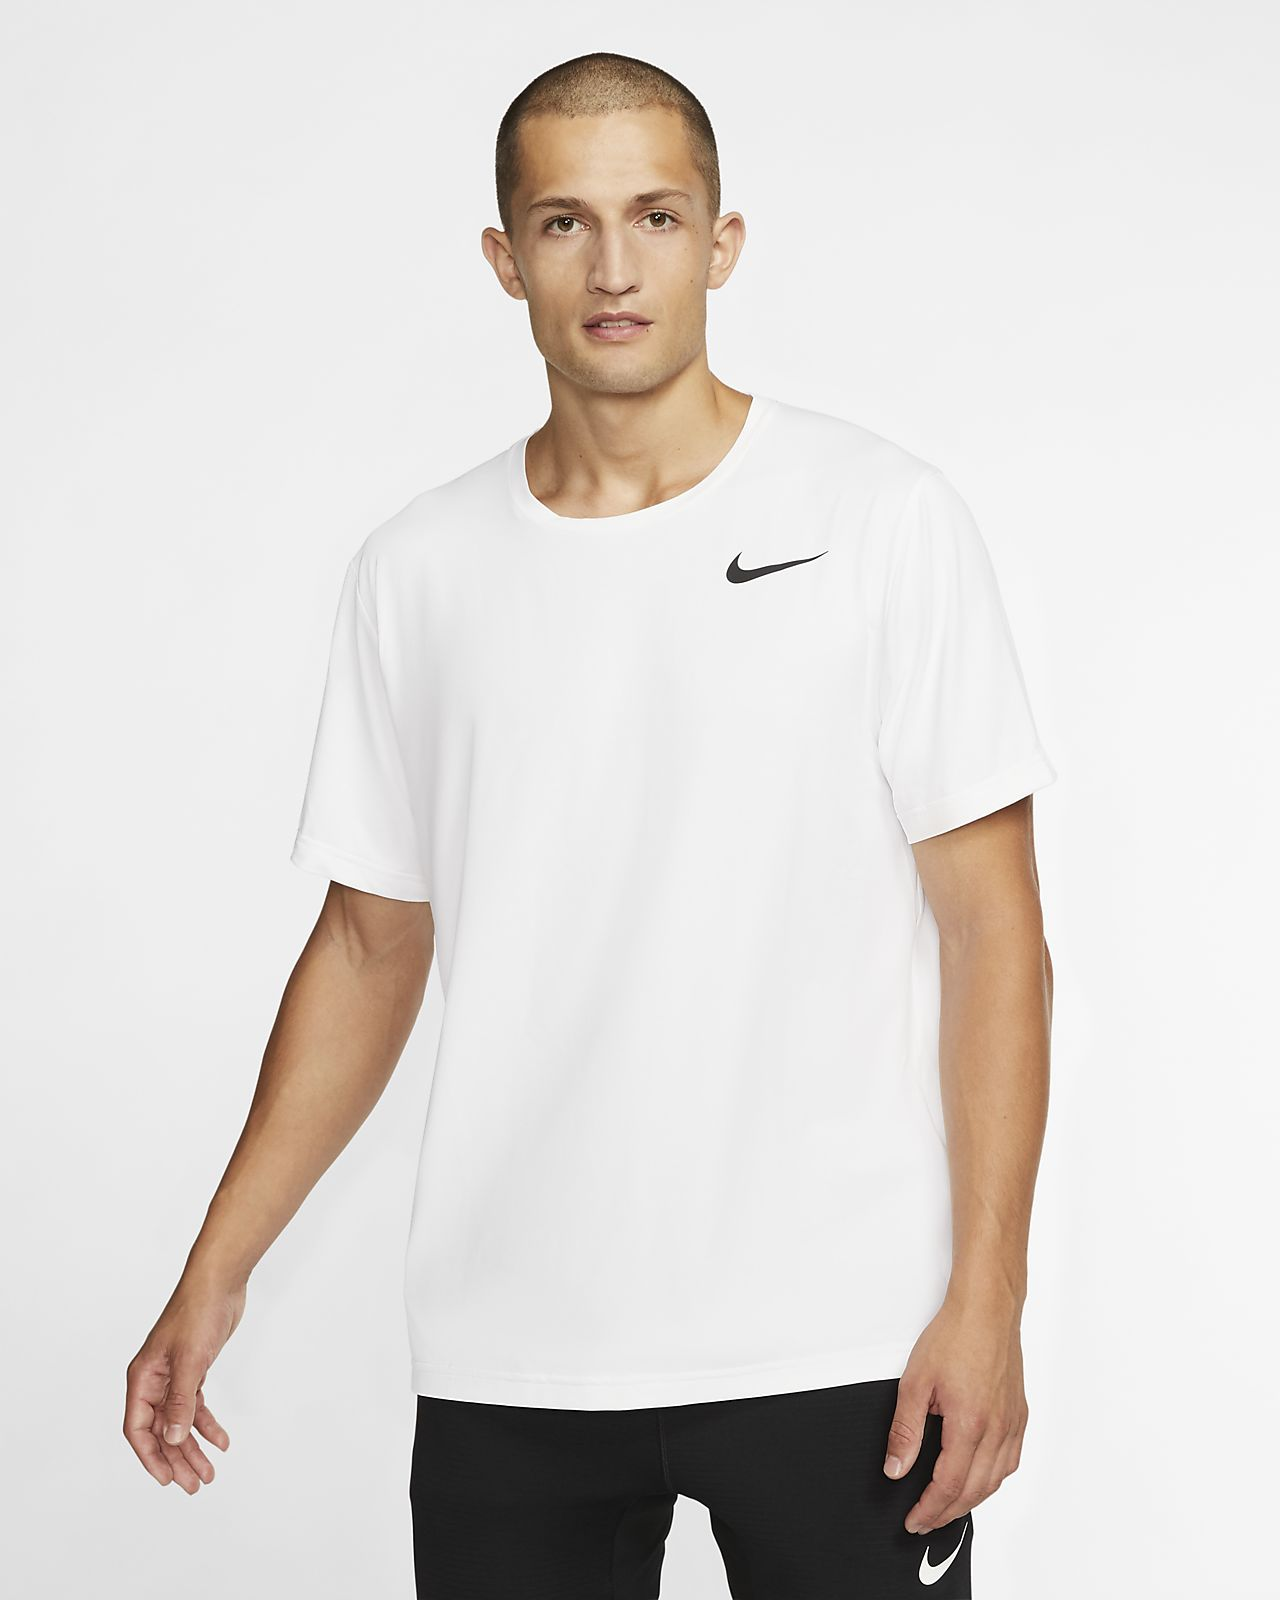 Pánský top Nike Pro s krátkým rukávem